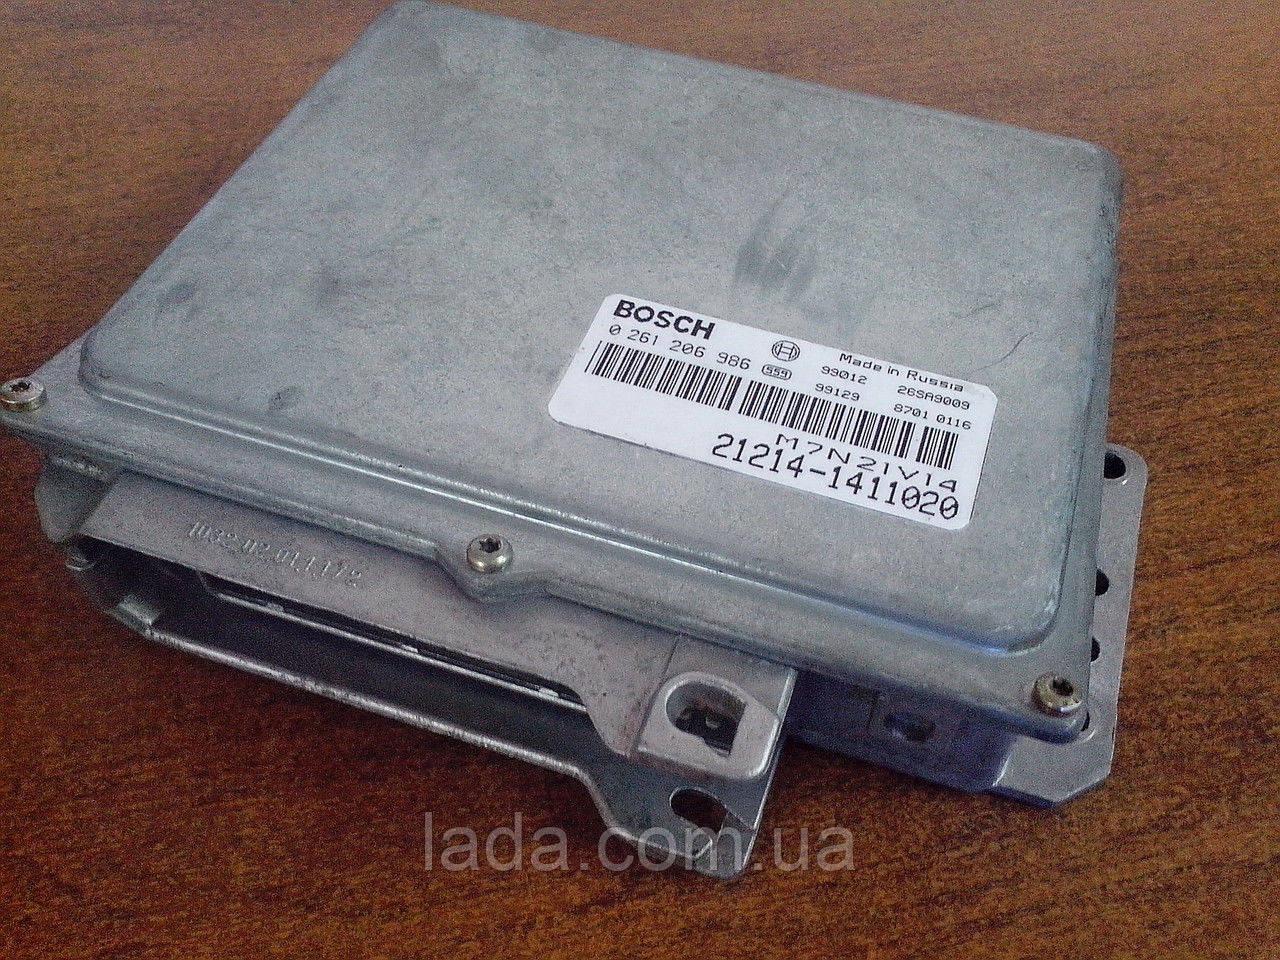 Электронный блок управления ЭБУ Bosch 21214-1411020